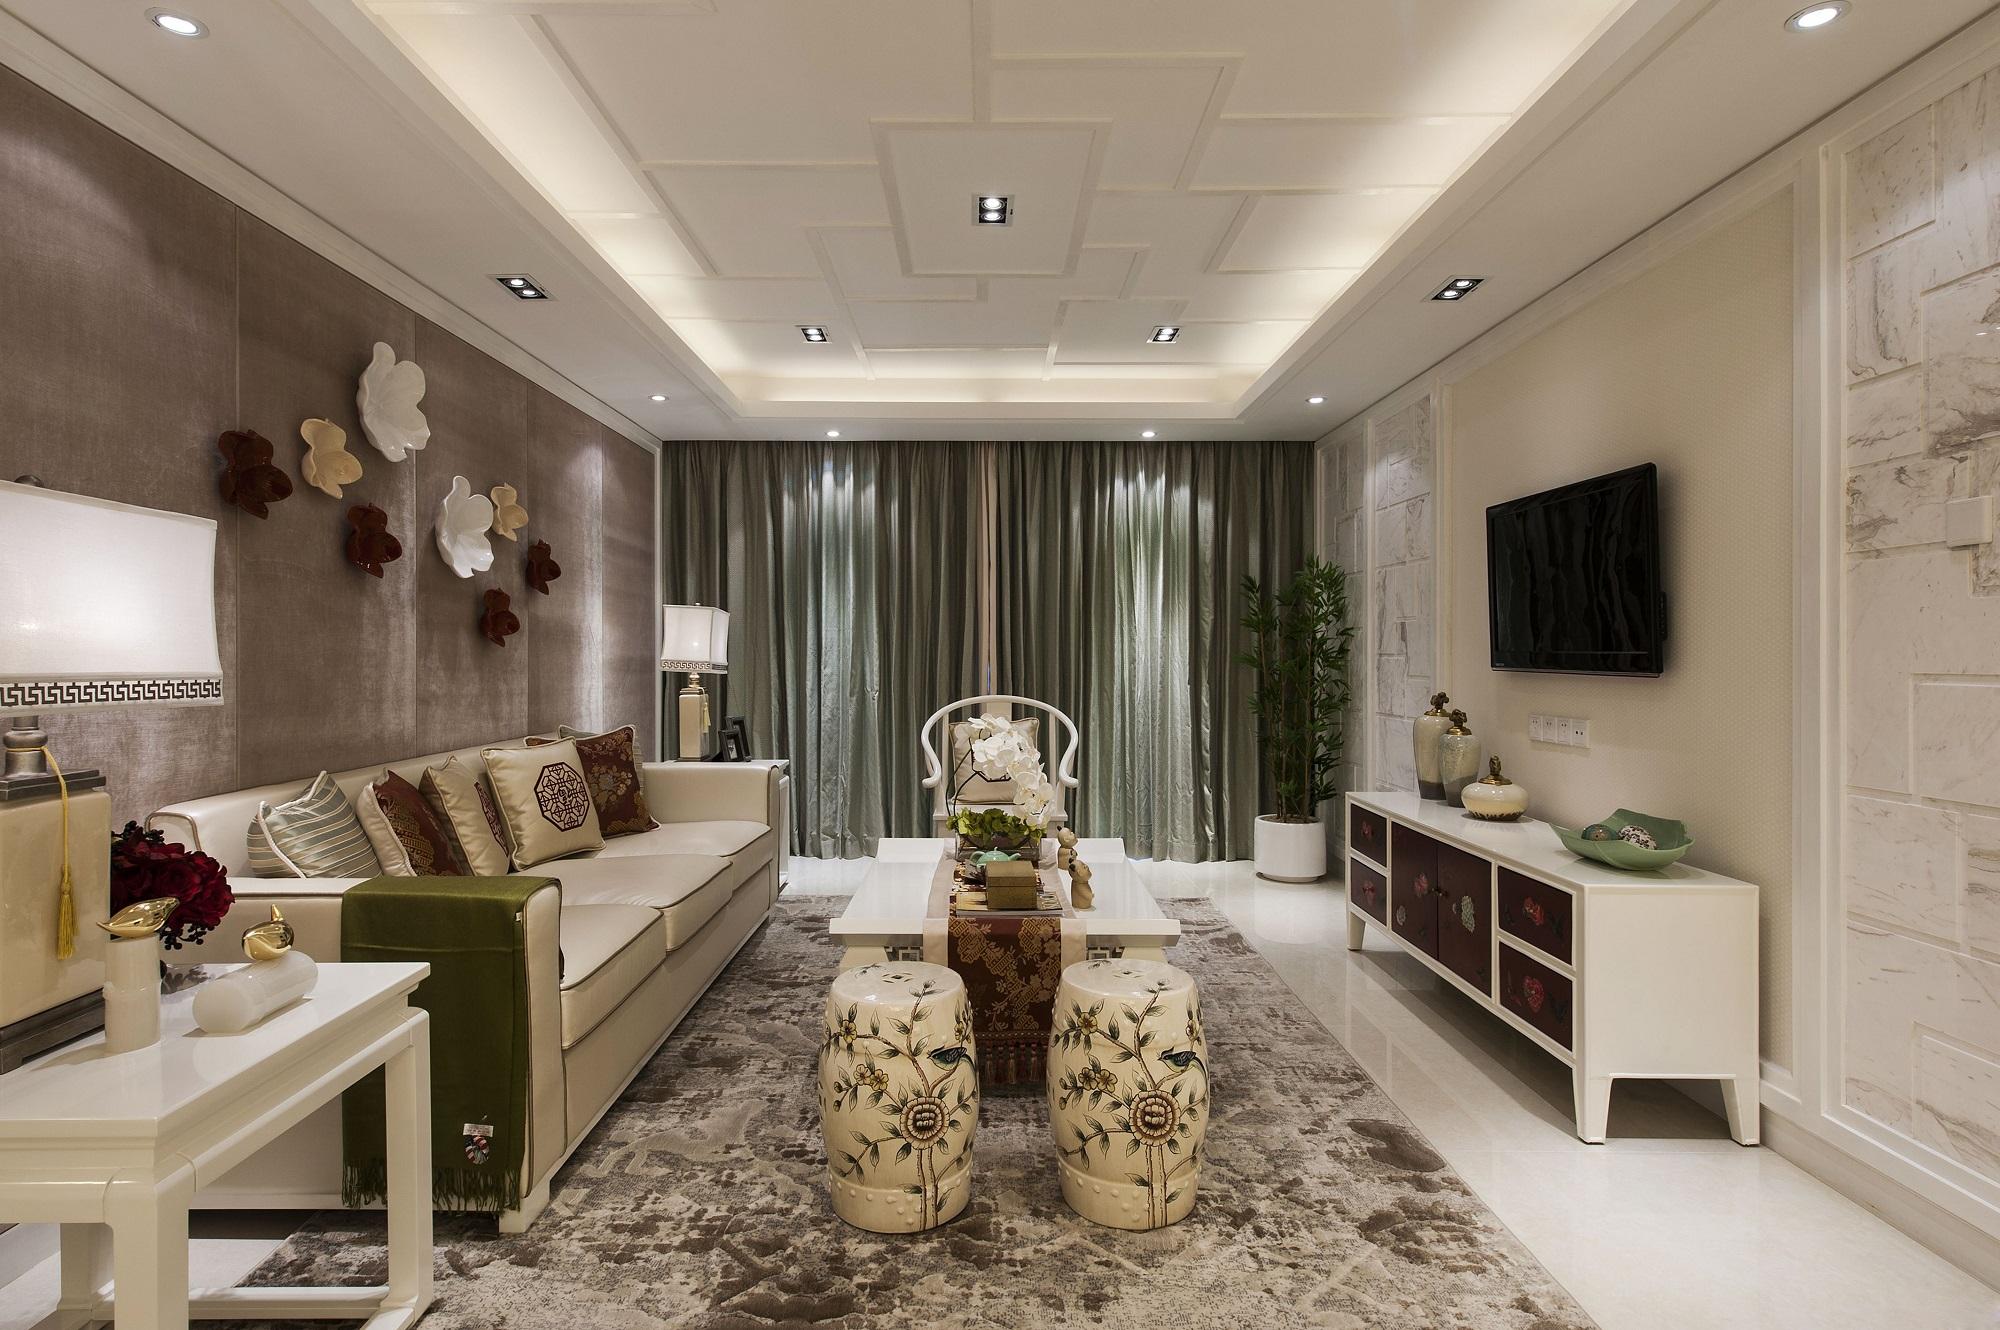 在家具形态上更加简洁清秀,又打破了传统中式空间布局中等级文化思想,空间配色上也更加轻松自然。